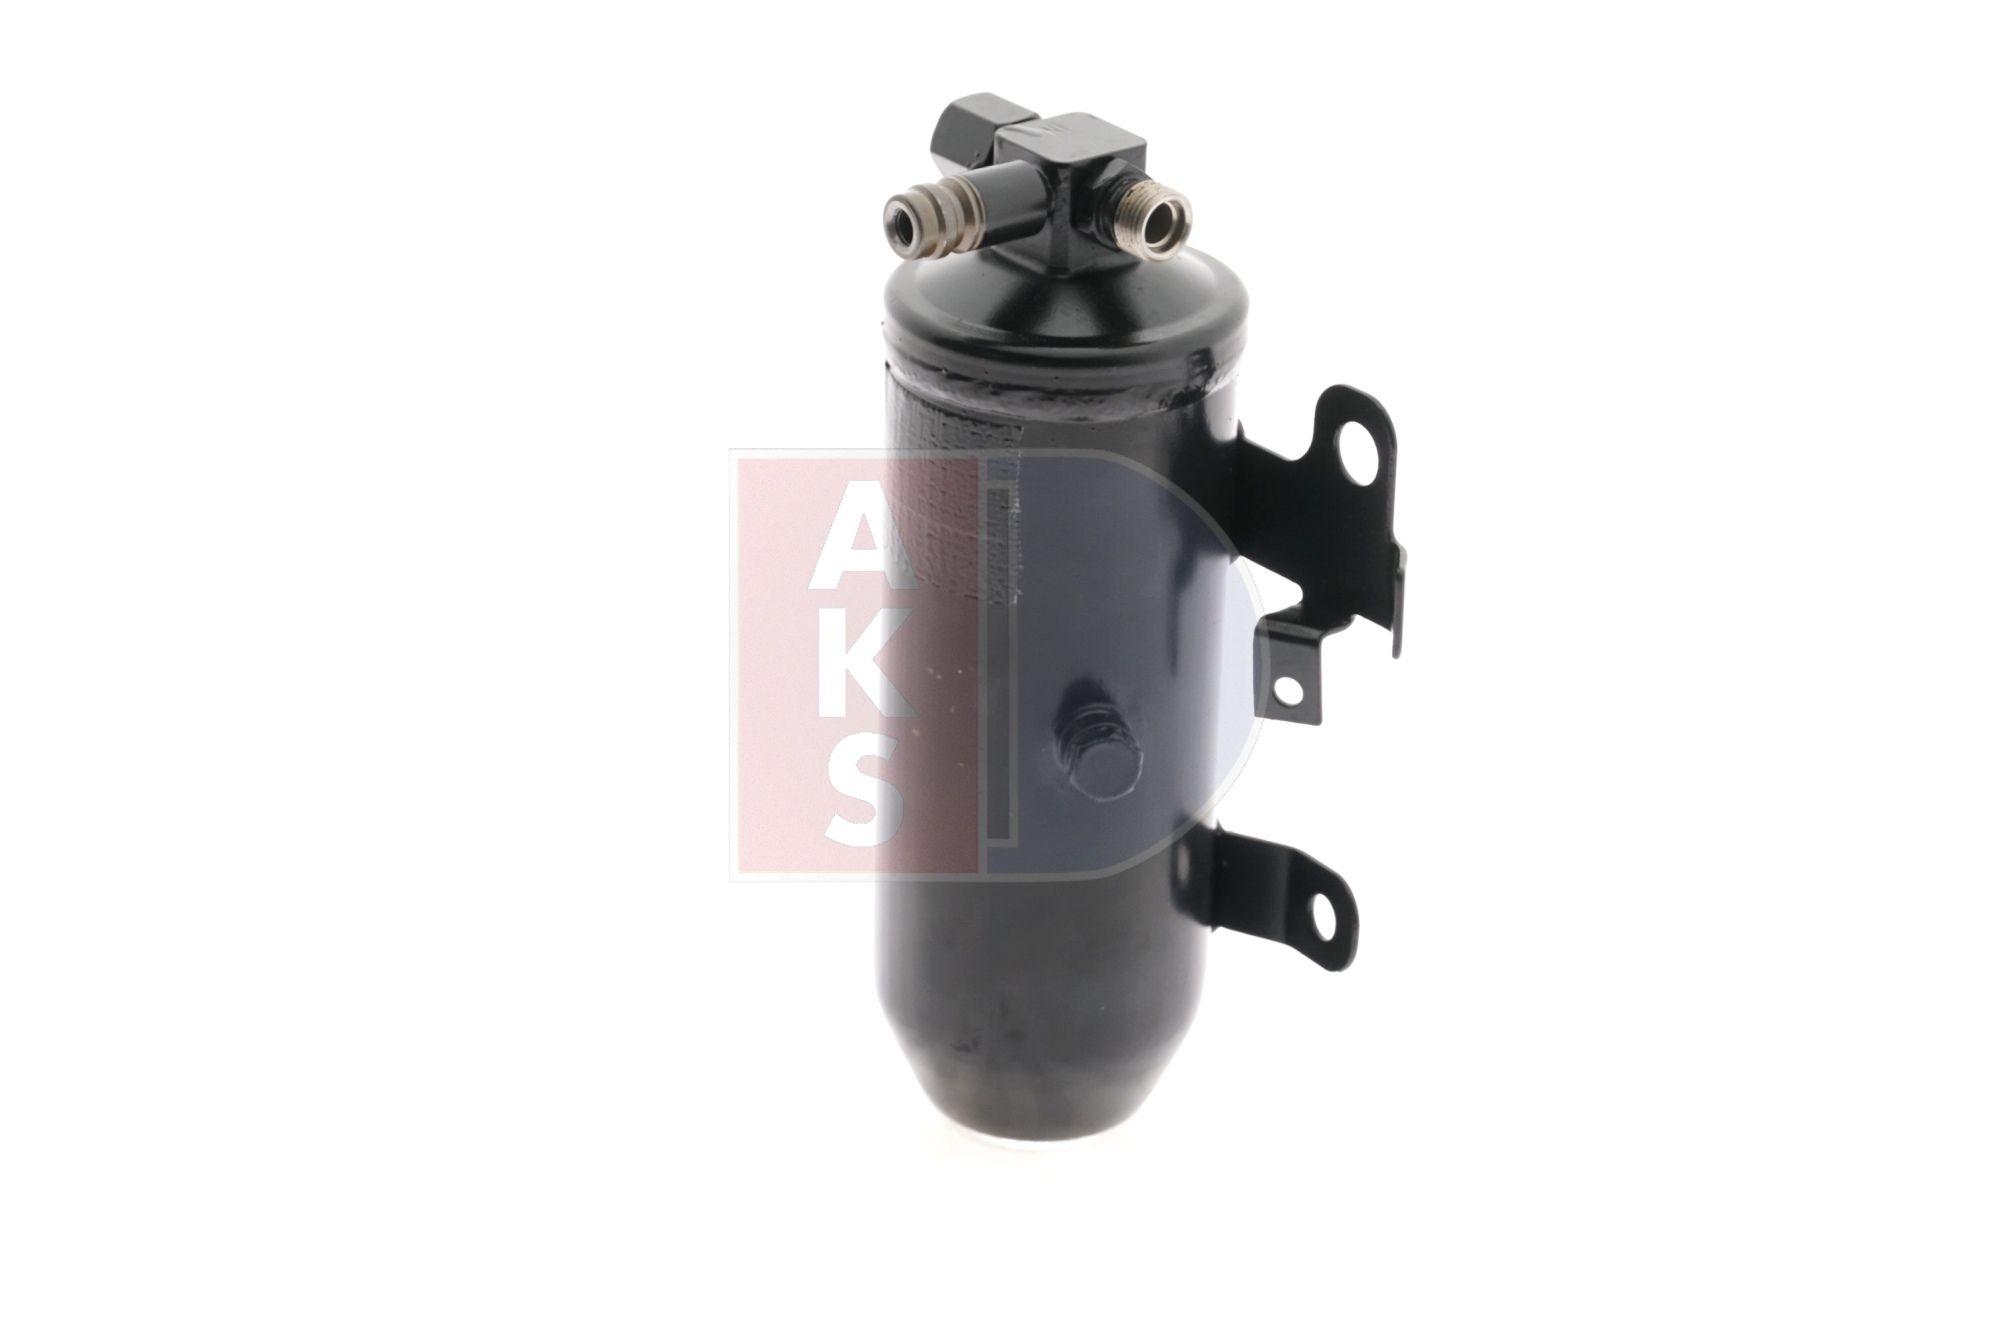 Buy original Air conditioning dryer AKS DASIS 800636N